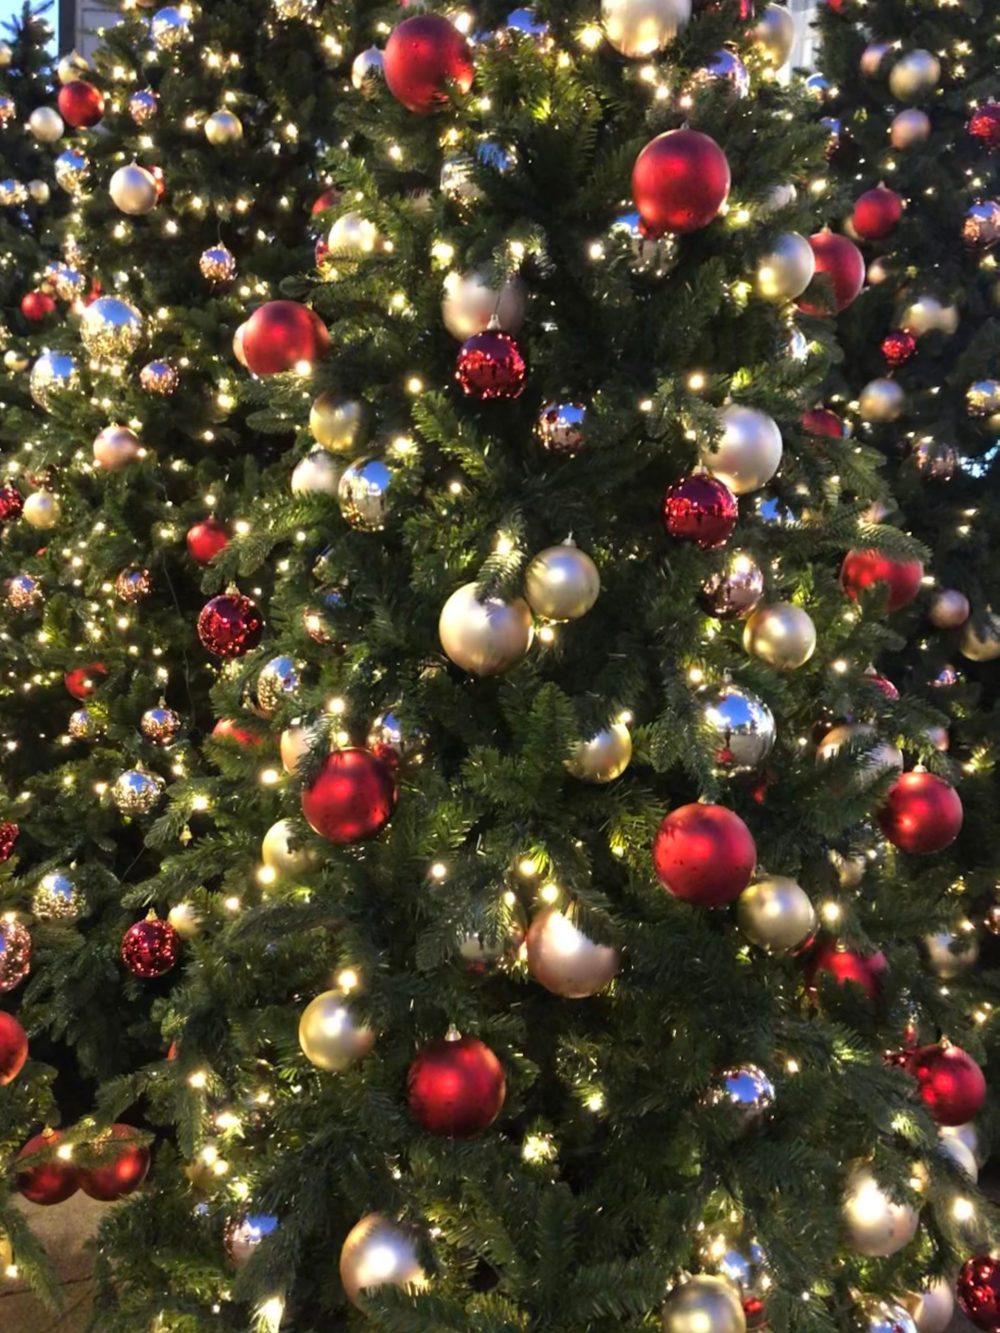 Viele rote und goldene Weihnachtskugel